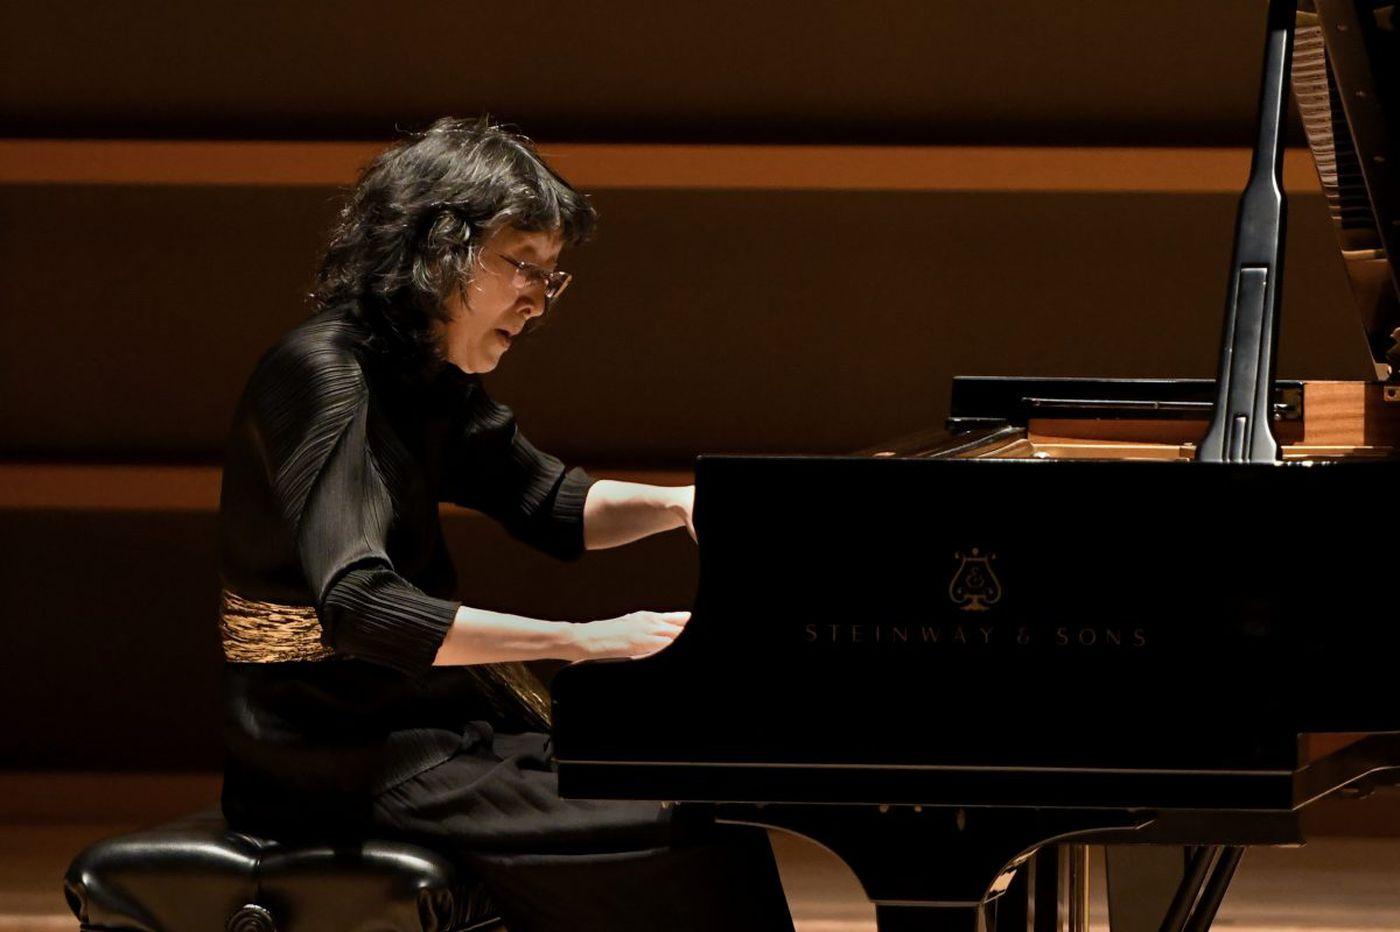 Defying gravity with pianist Mitsuko Uchida